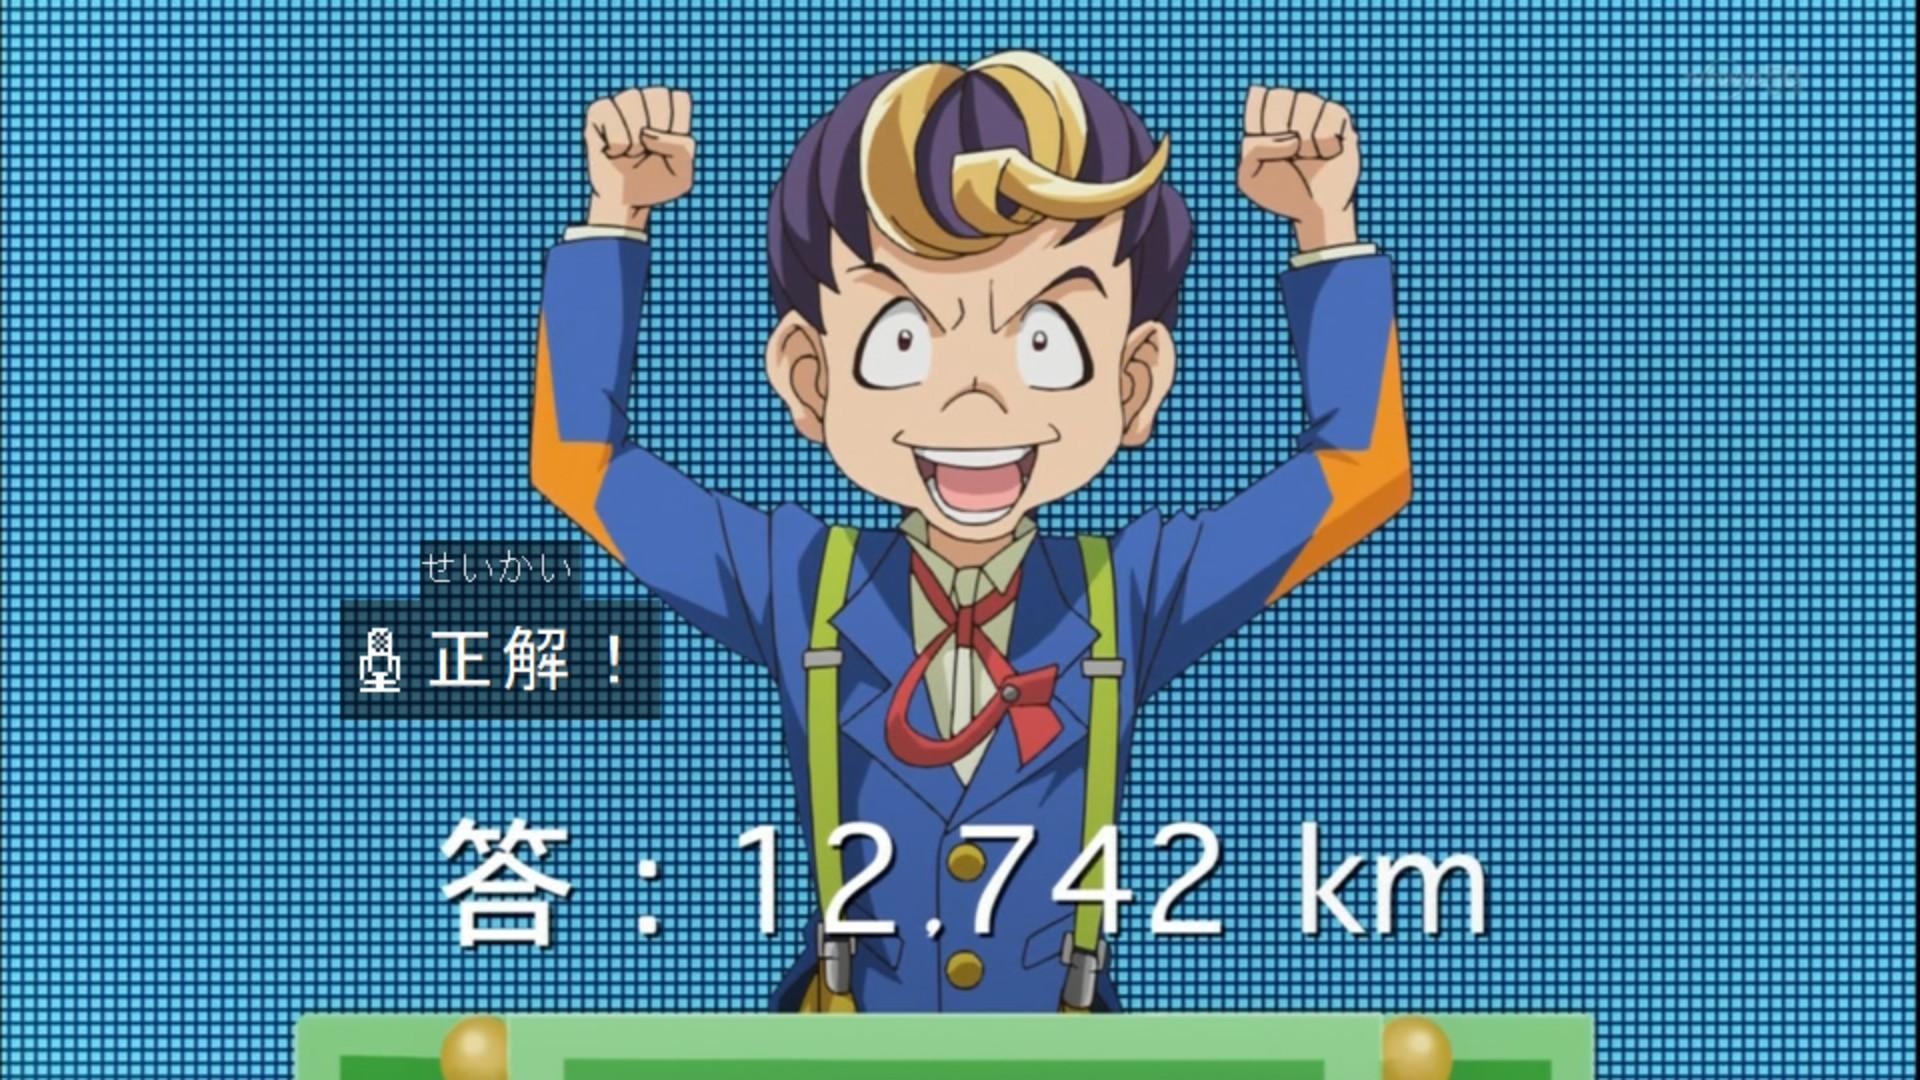 #19 「知識の宇宙!! 九庵堂栄太(きゅうあんどう えいた)」